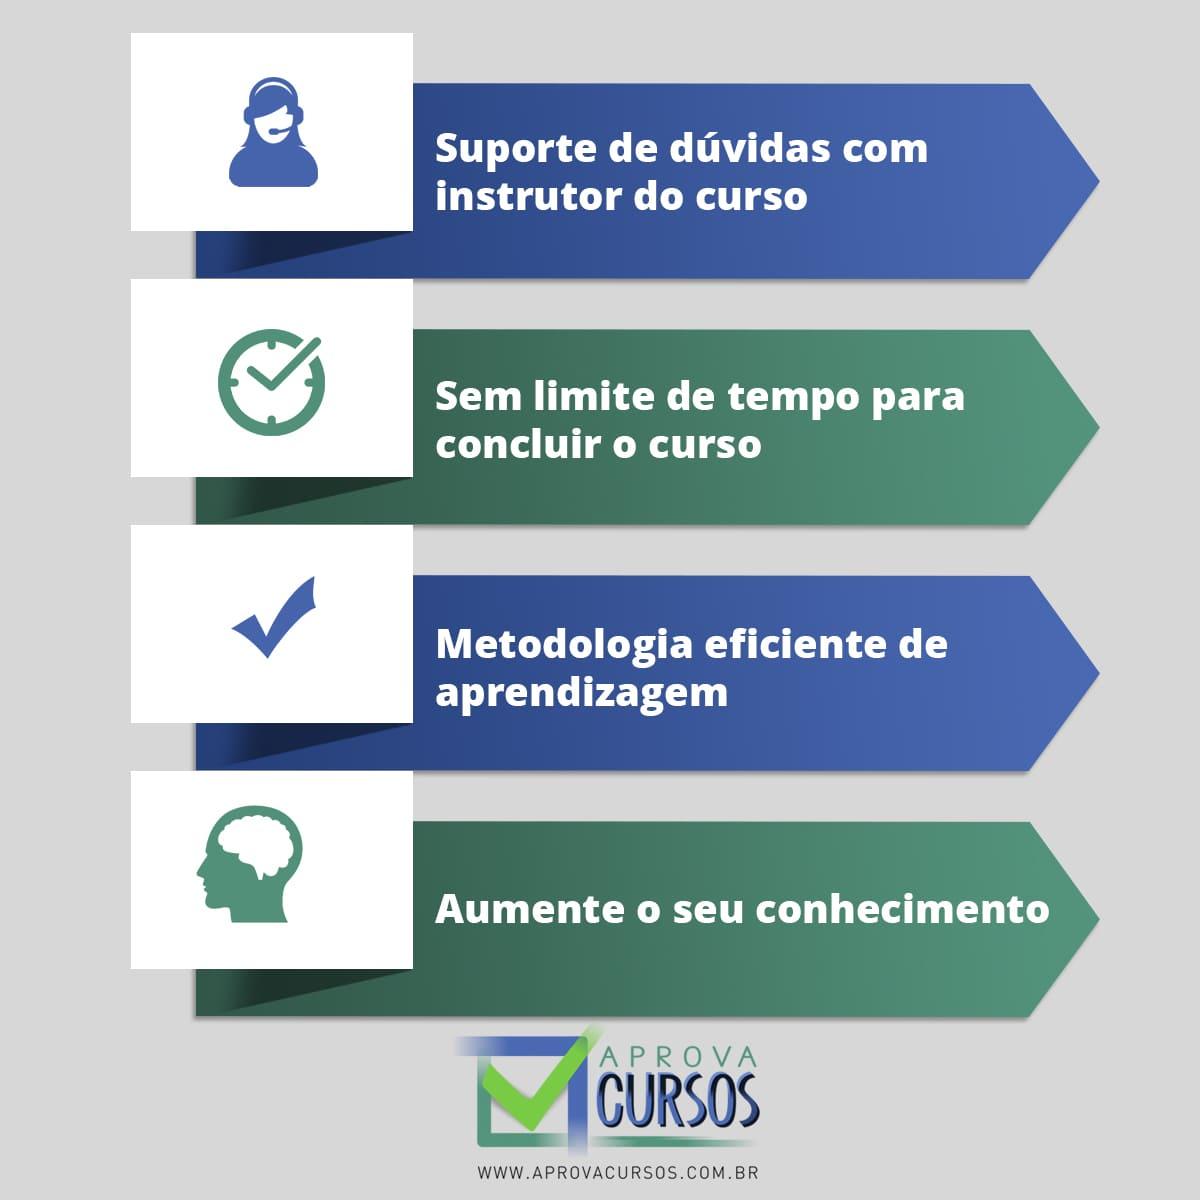 Curso Online de Prática de Legislação da Empregada Doméstica com Certificado  - Aprova Cursos